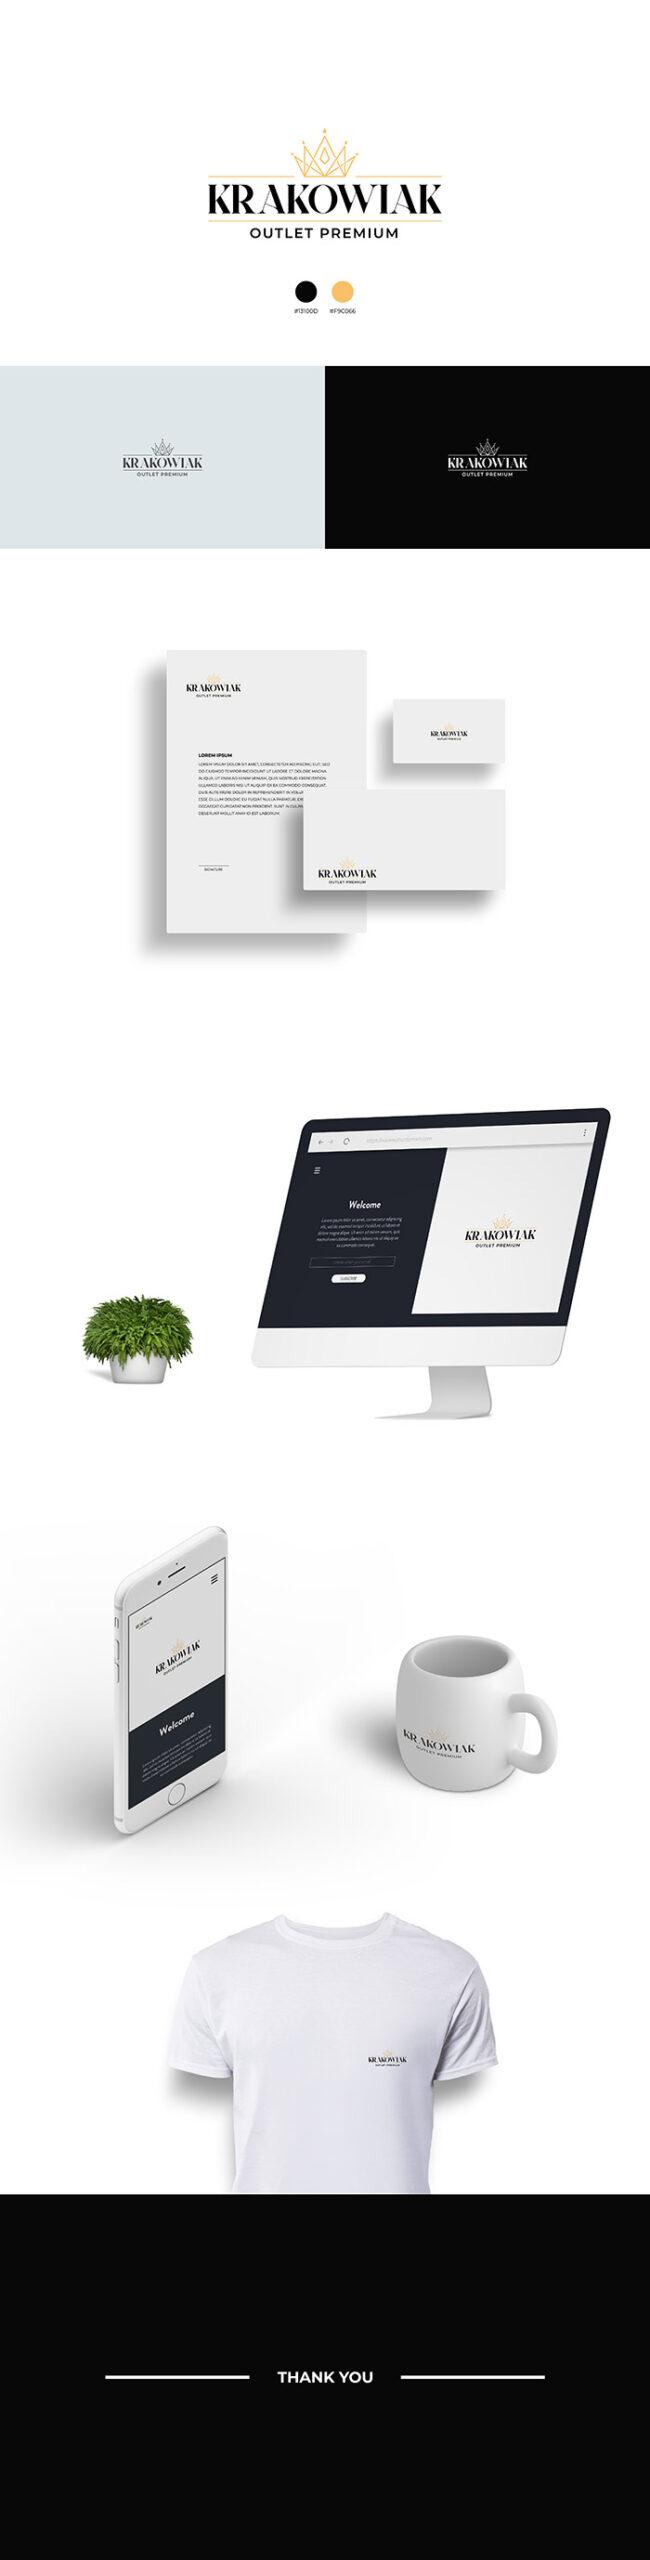 prezentacja logotypu krakowiak przykład